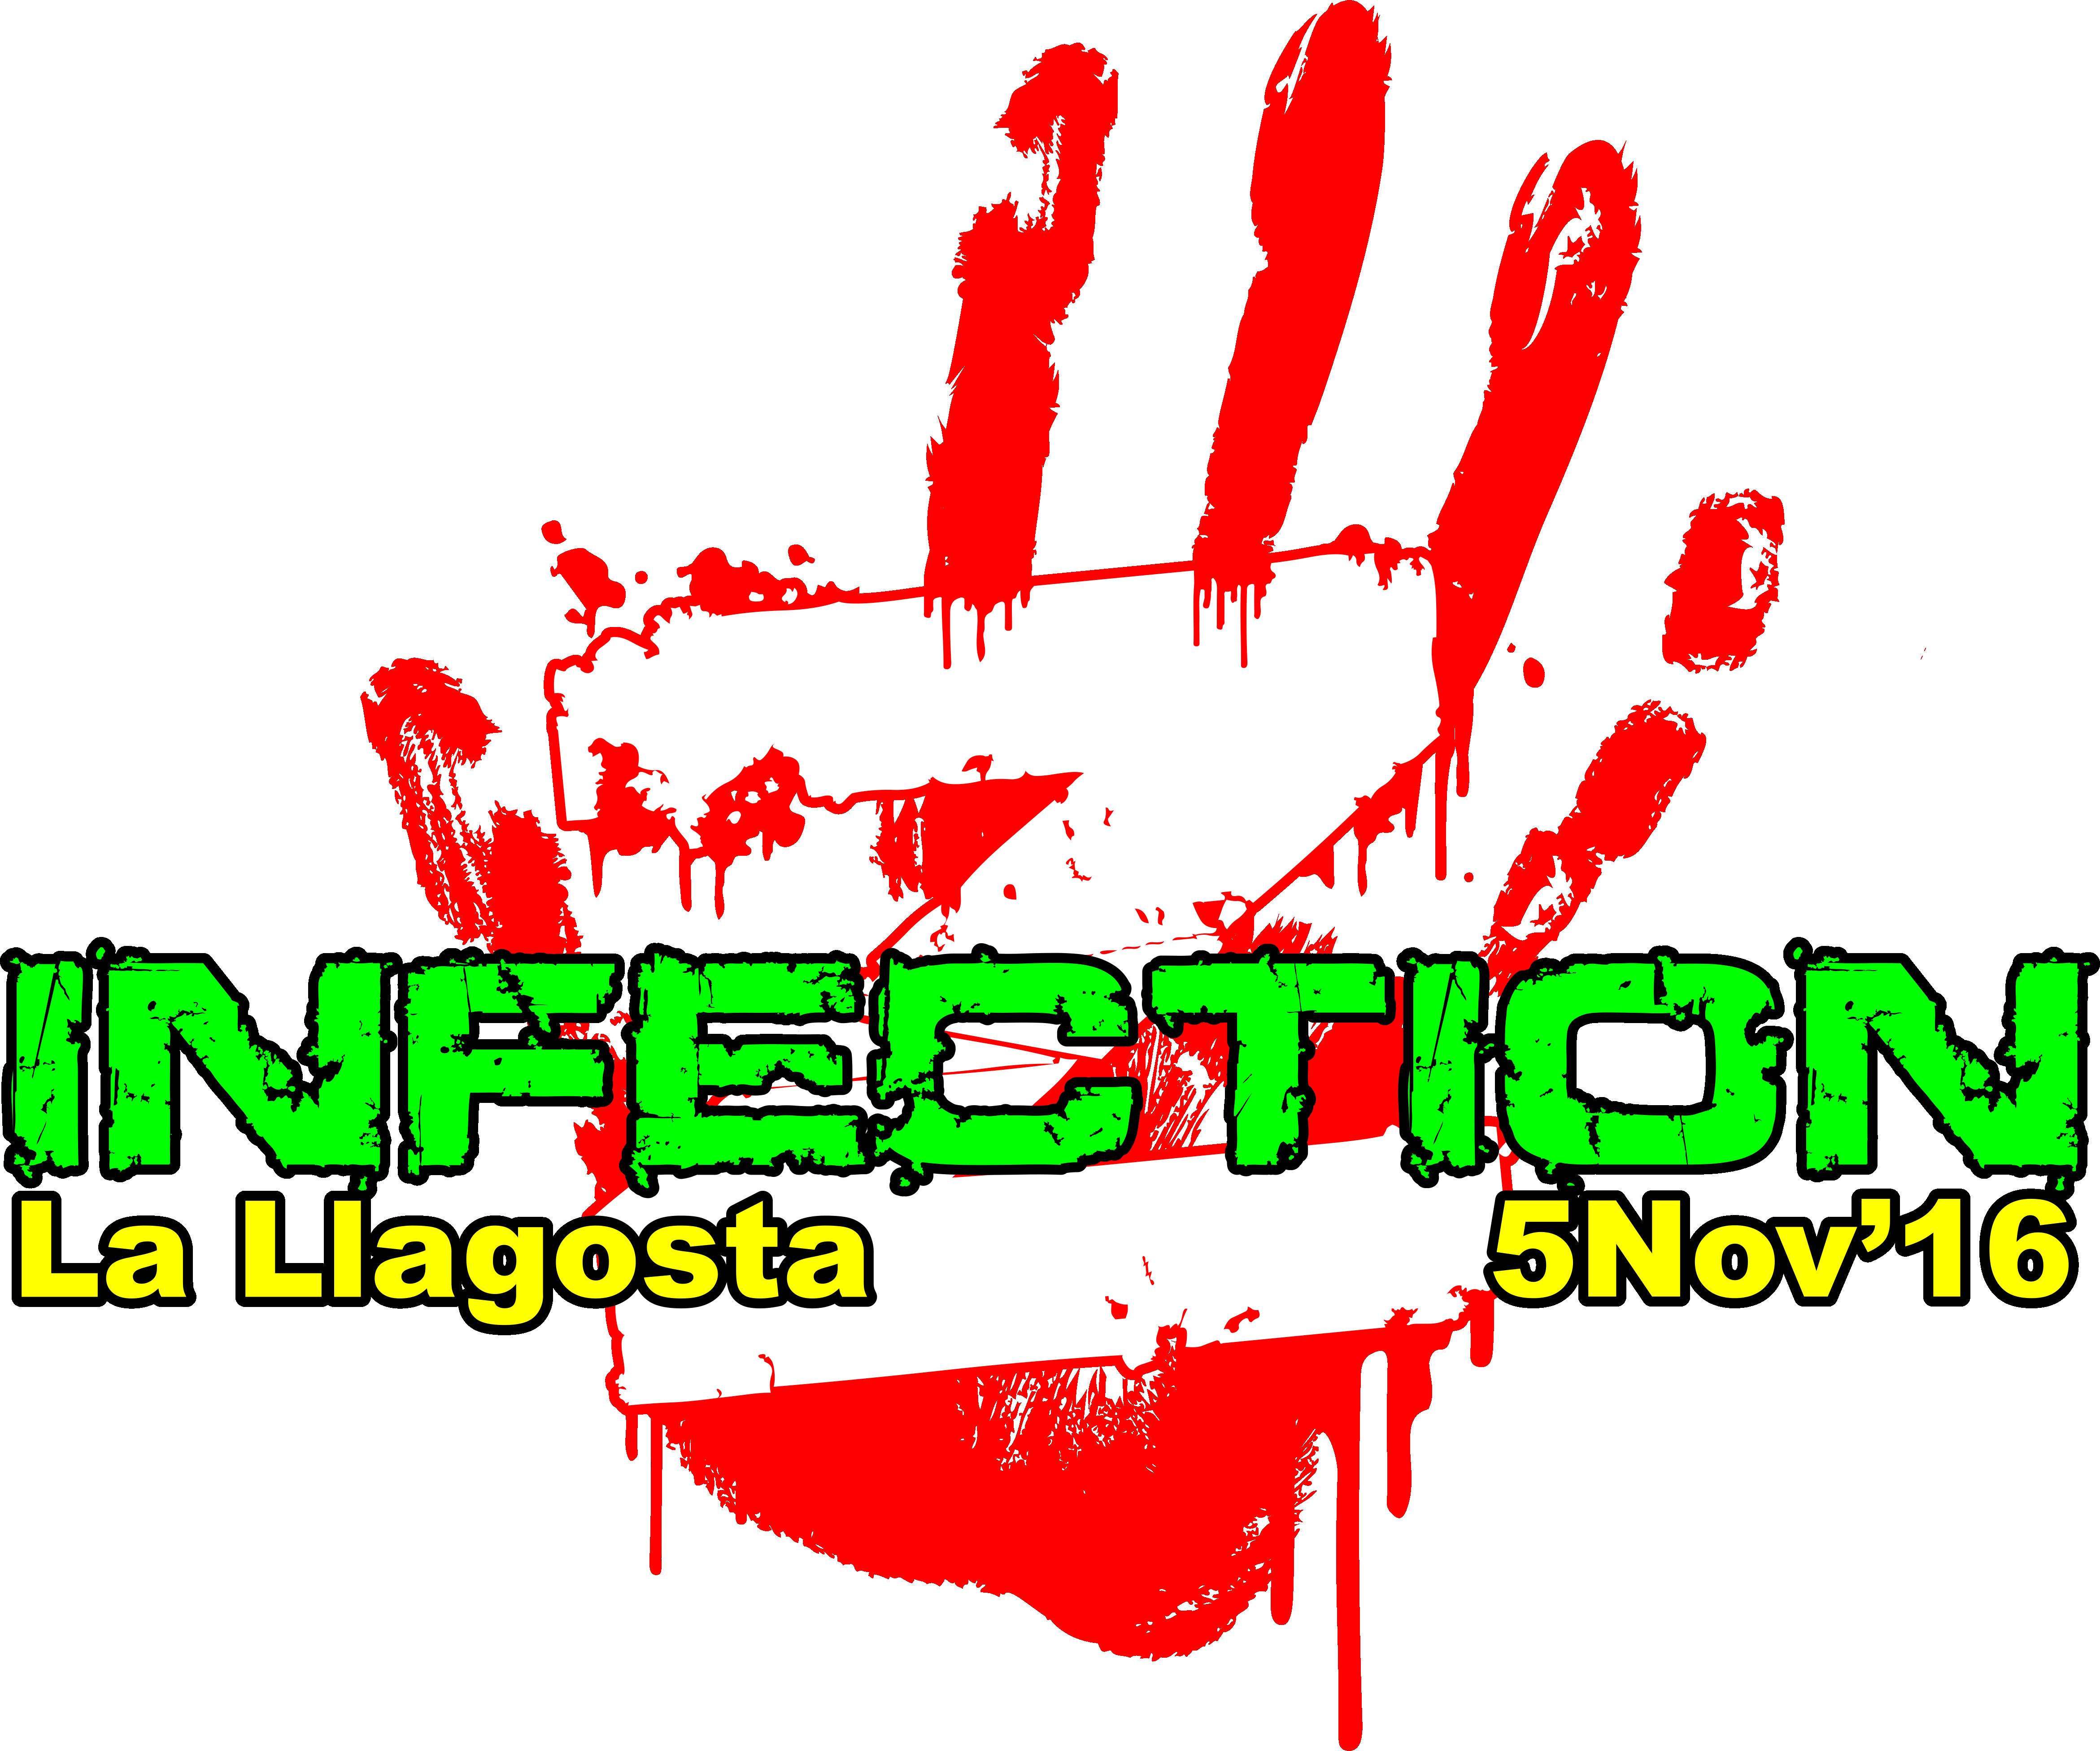 Z-Infection llega a la Llagosta (Barcelona) el 5 de noviembre